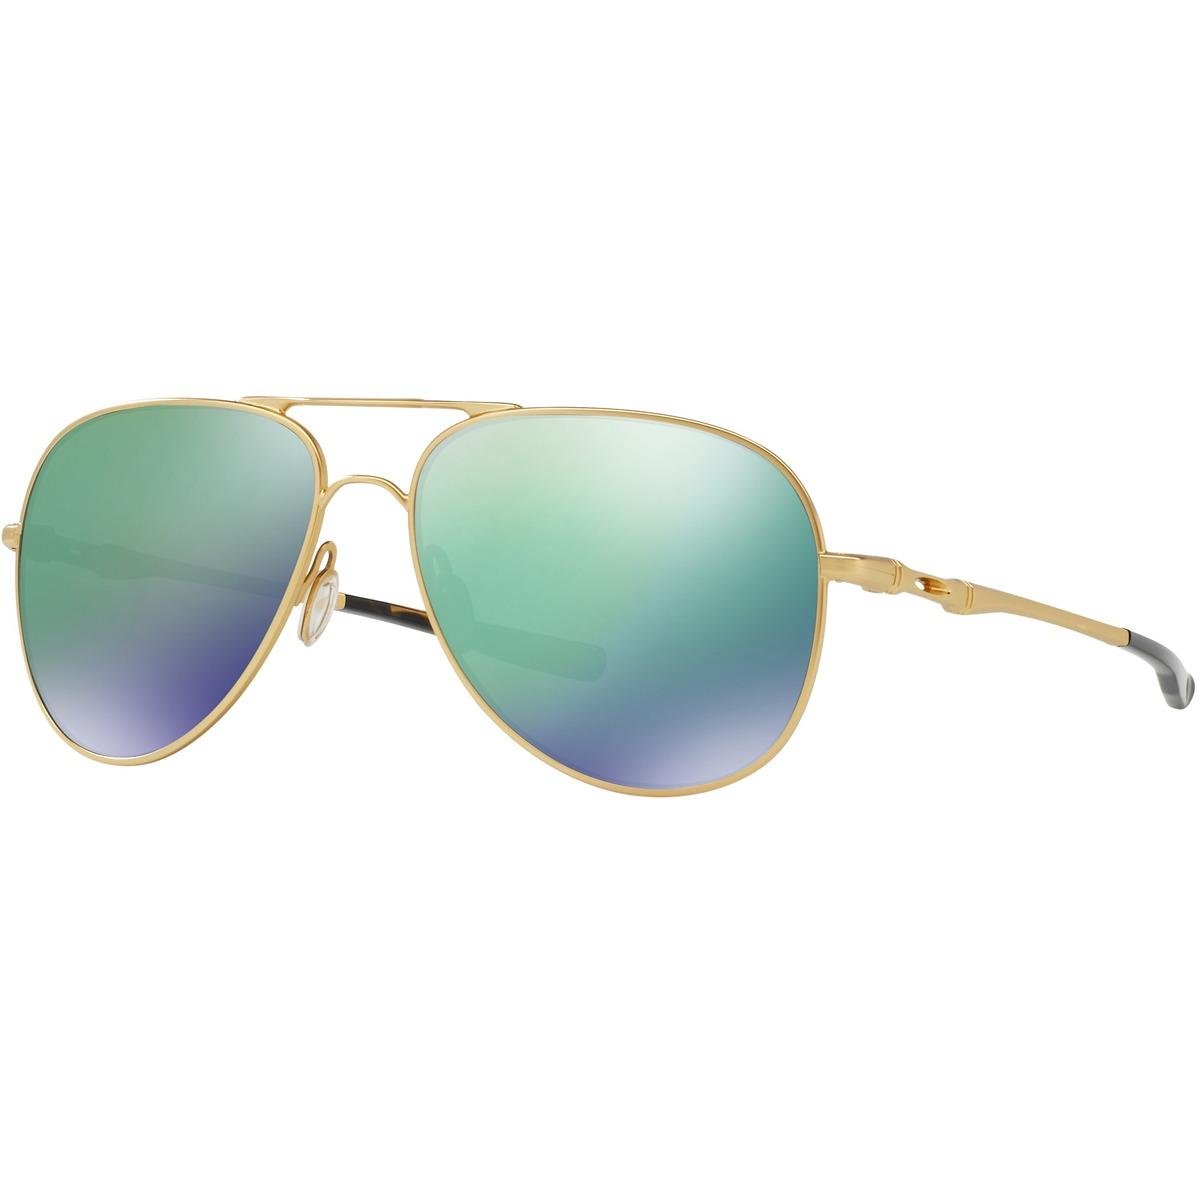 394531a734e7a óculos oakley elmont l satin gold  lente jade iridium. Carregando zoom.